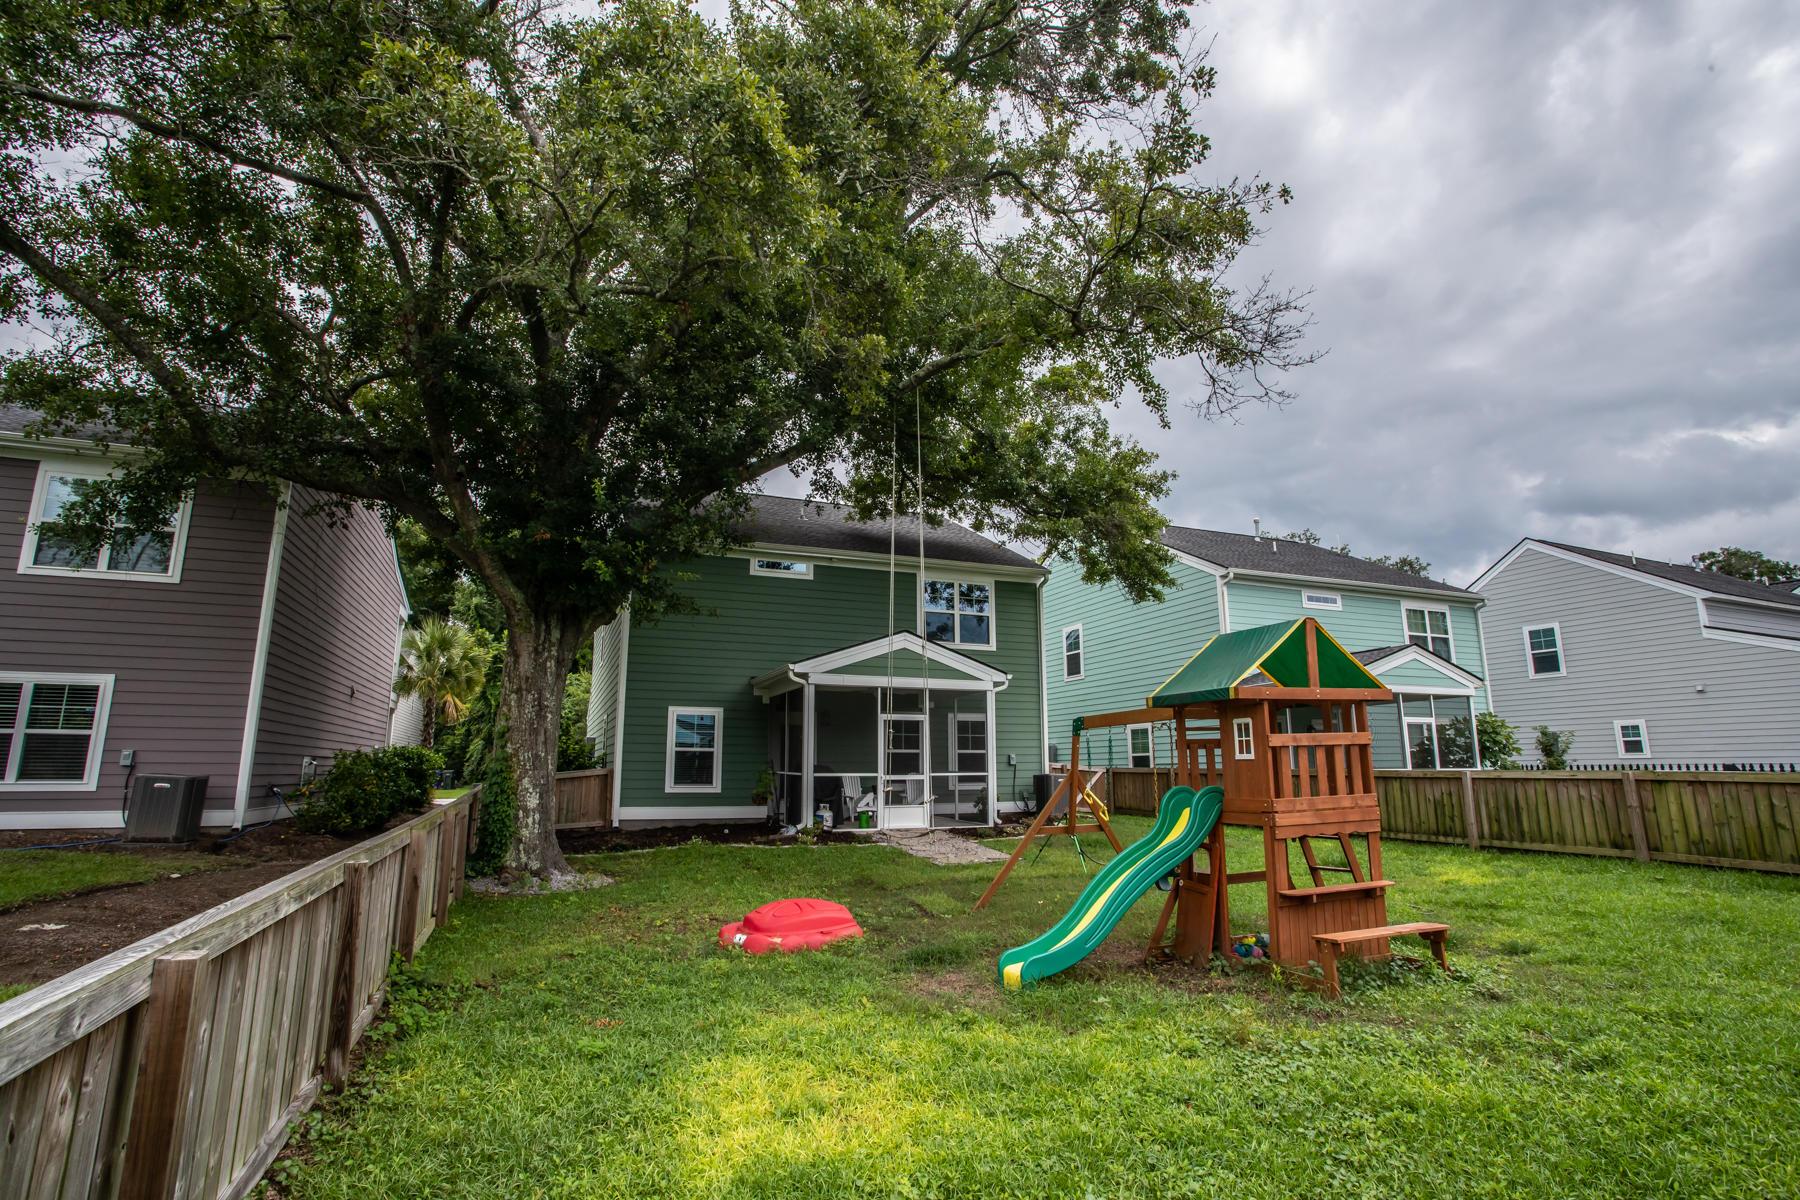 Pemberton Farms Homes For Sale - 1135 Pemberton Farms, Charleston, SC - 10